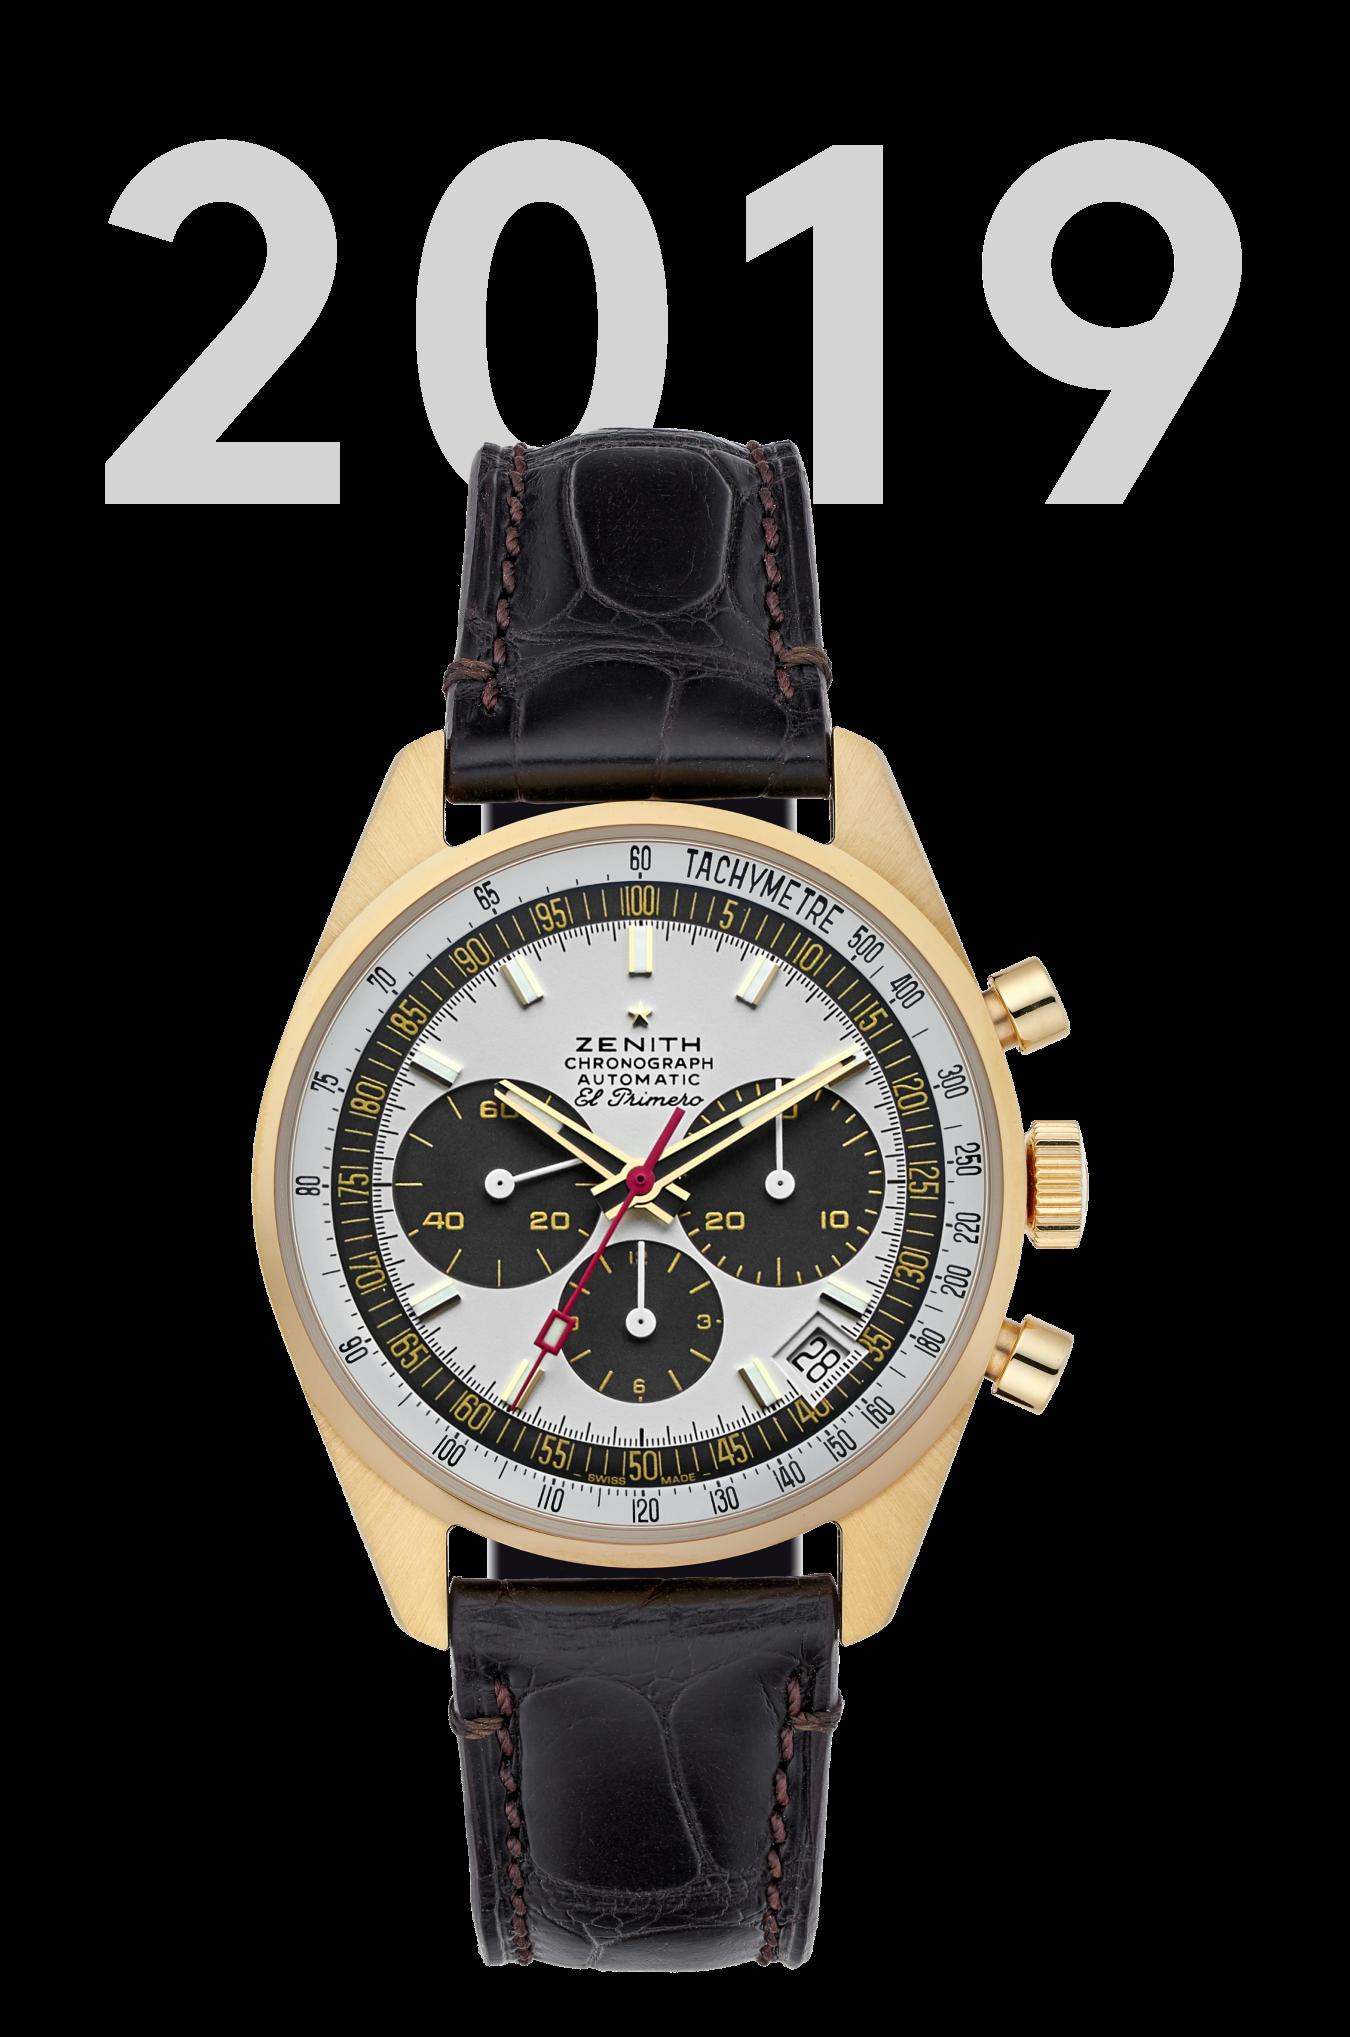 2019 version of the Zenith El Primero G381